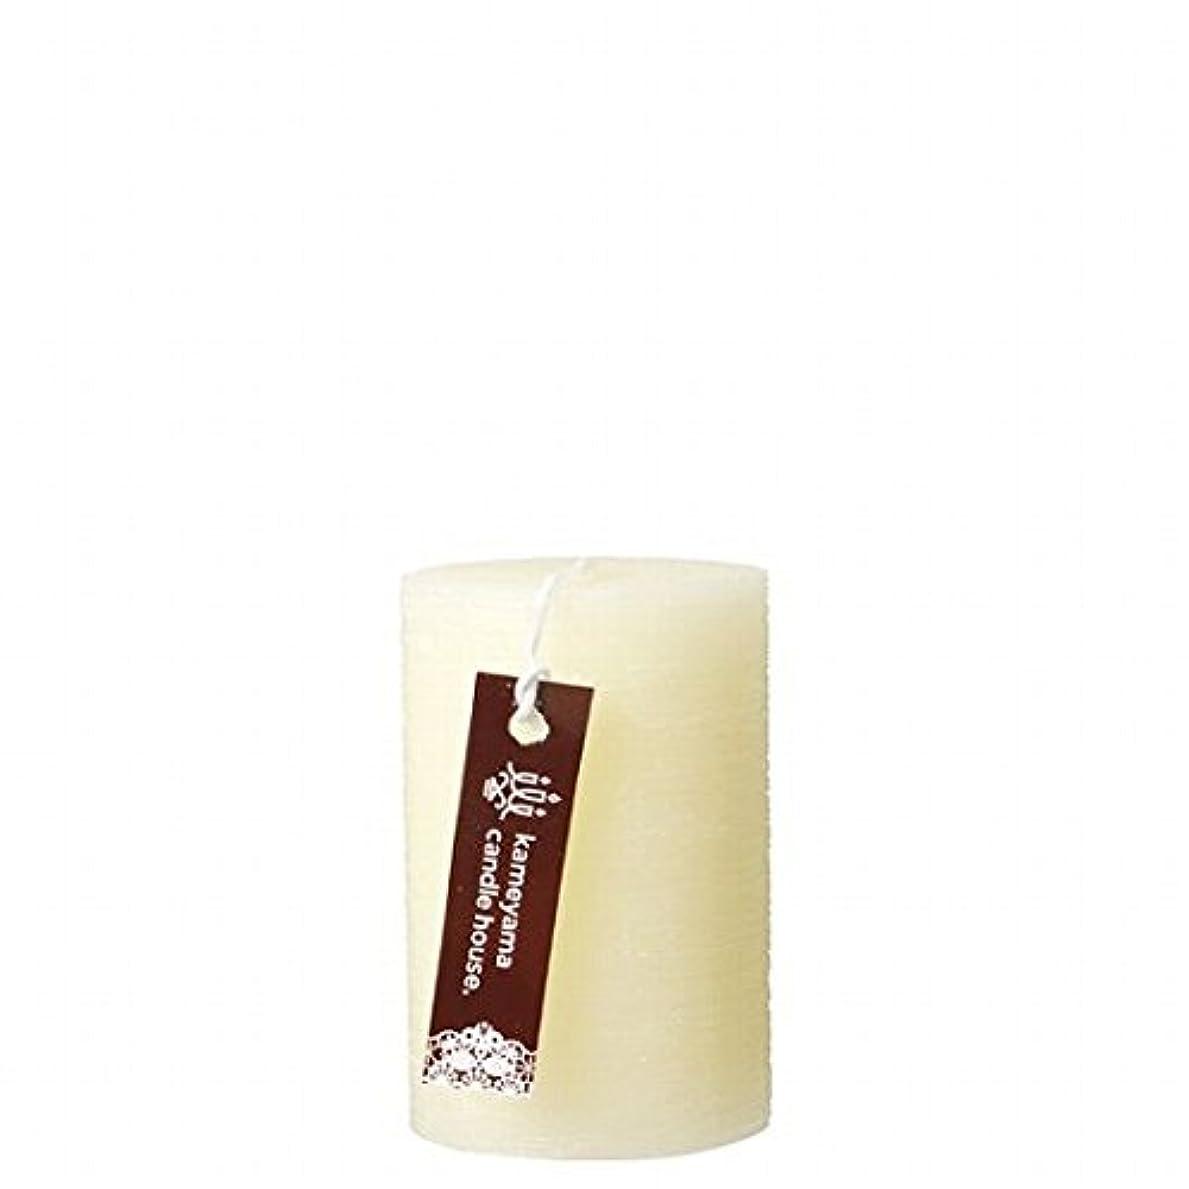 発揮する無し甘やかすカメヤマキャンドル(kameyama candle) ブラッシュピラー2×3 「 アイボリー 」